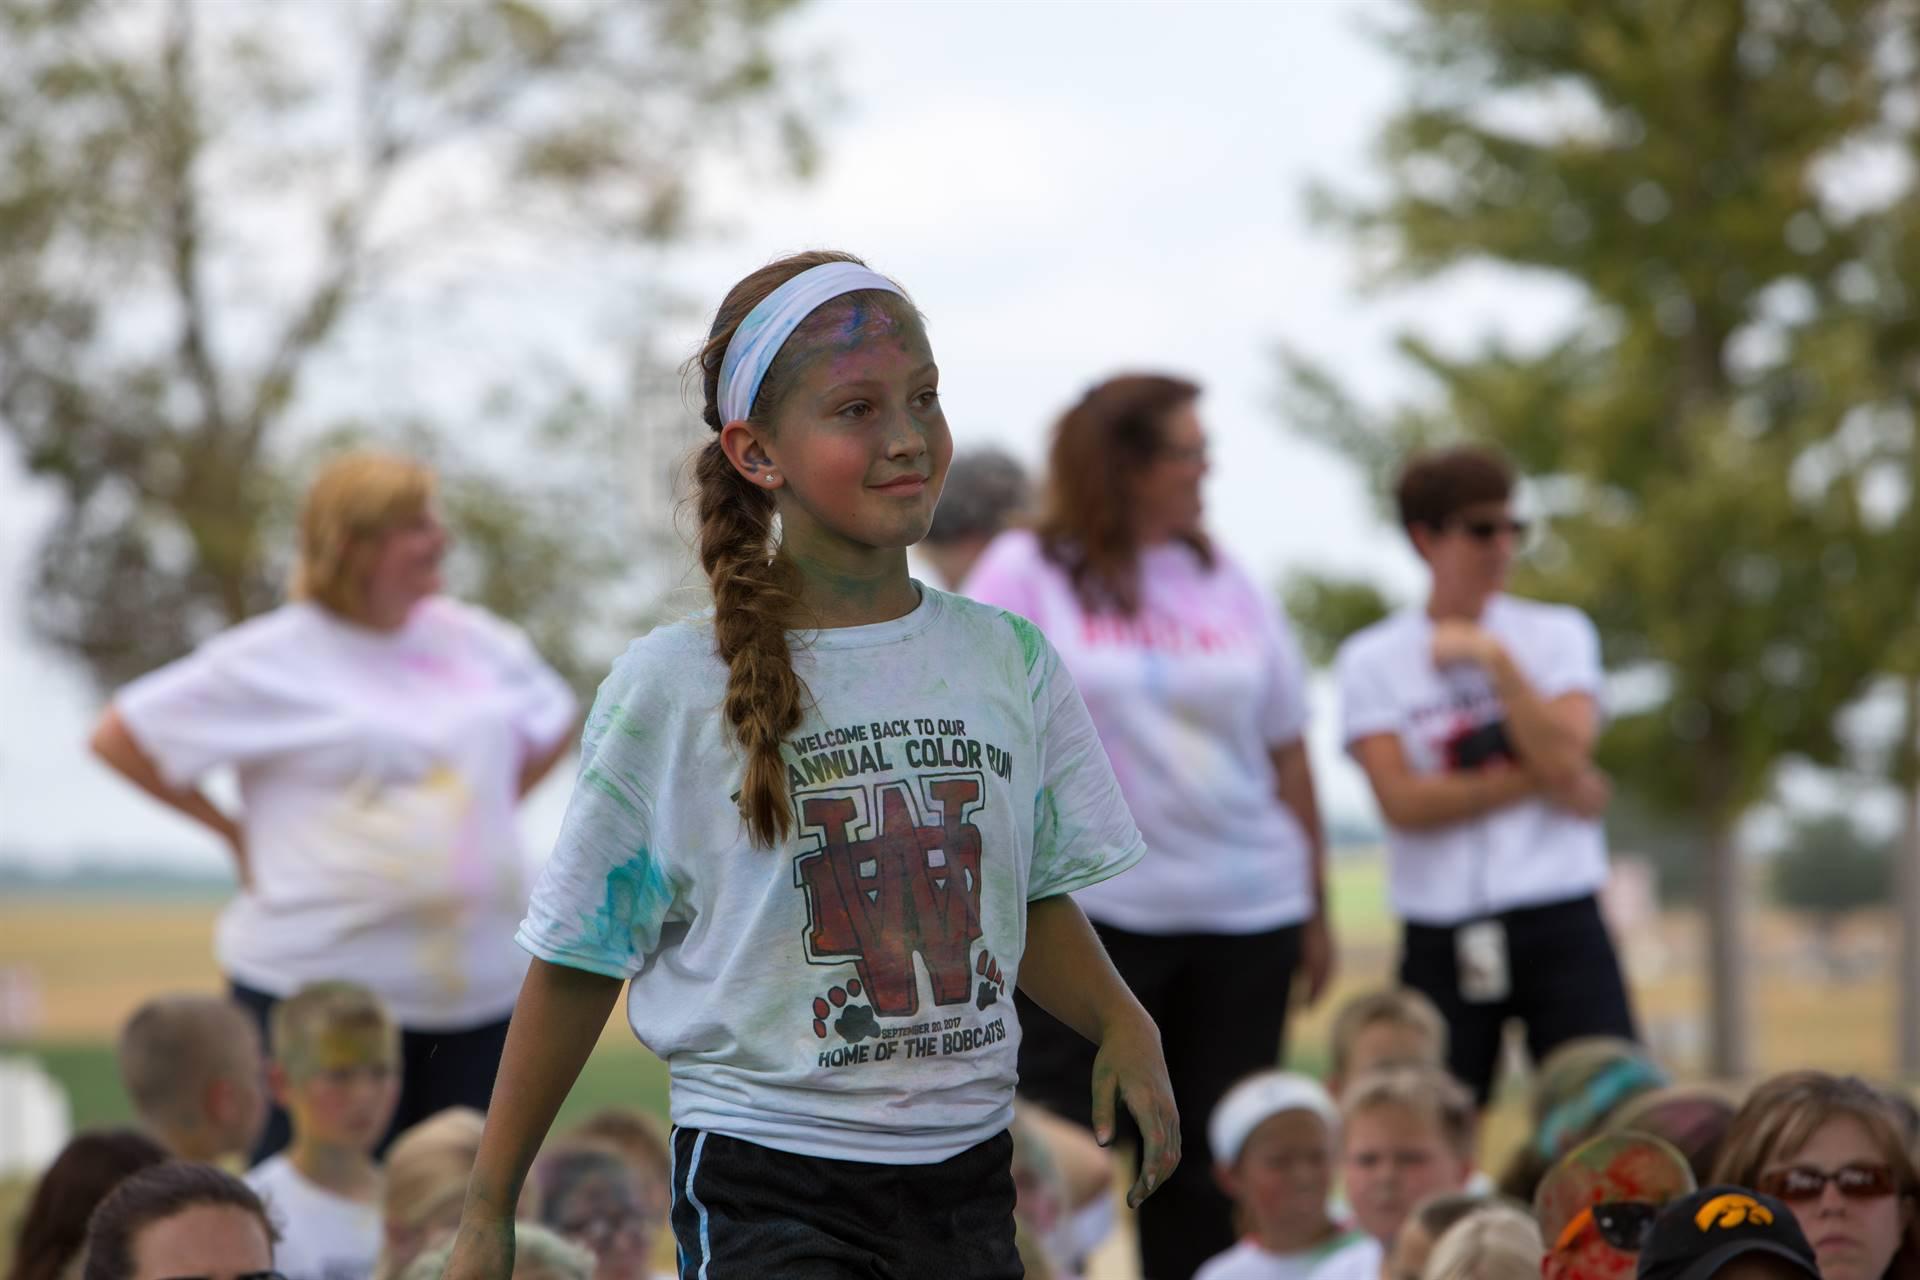 Girl 5 at color run